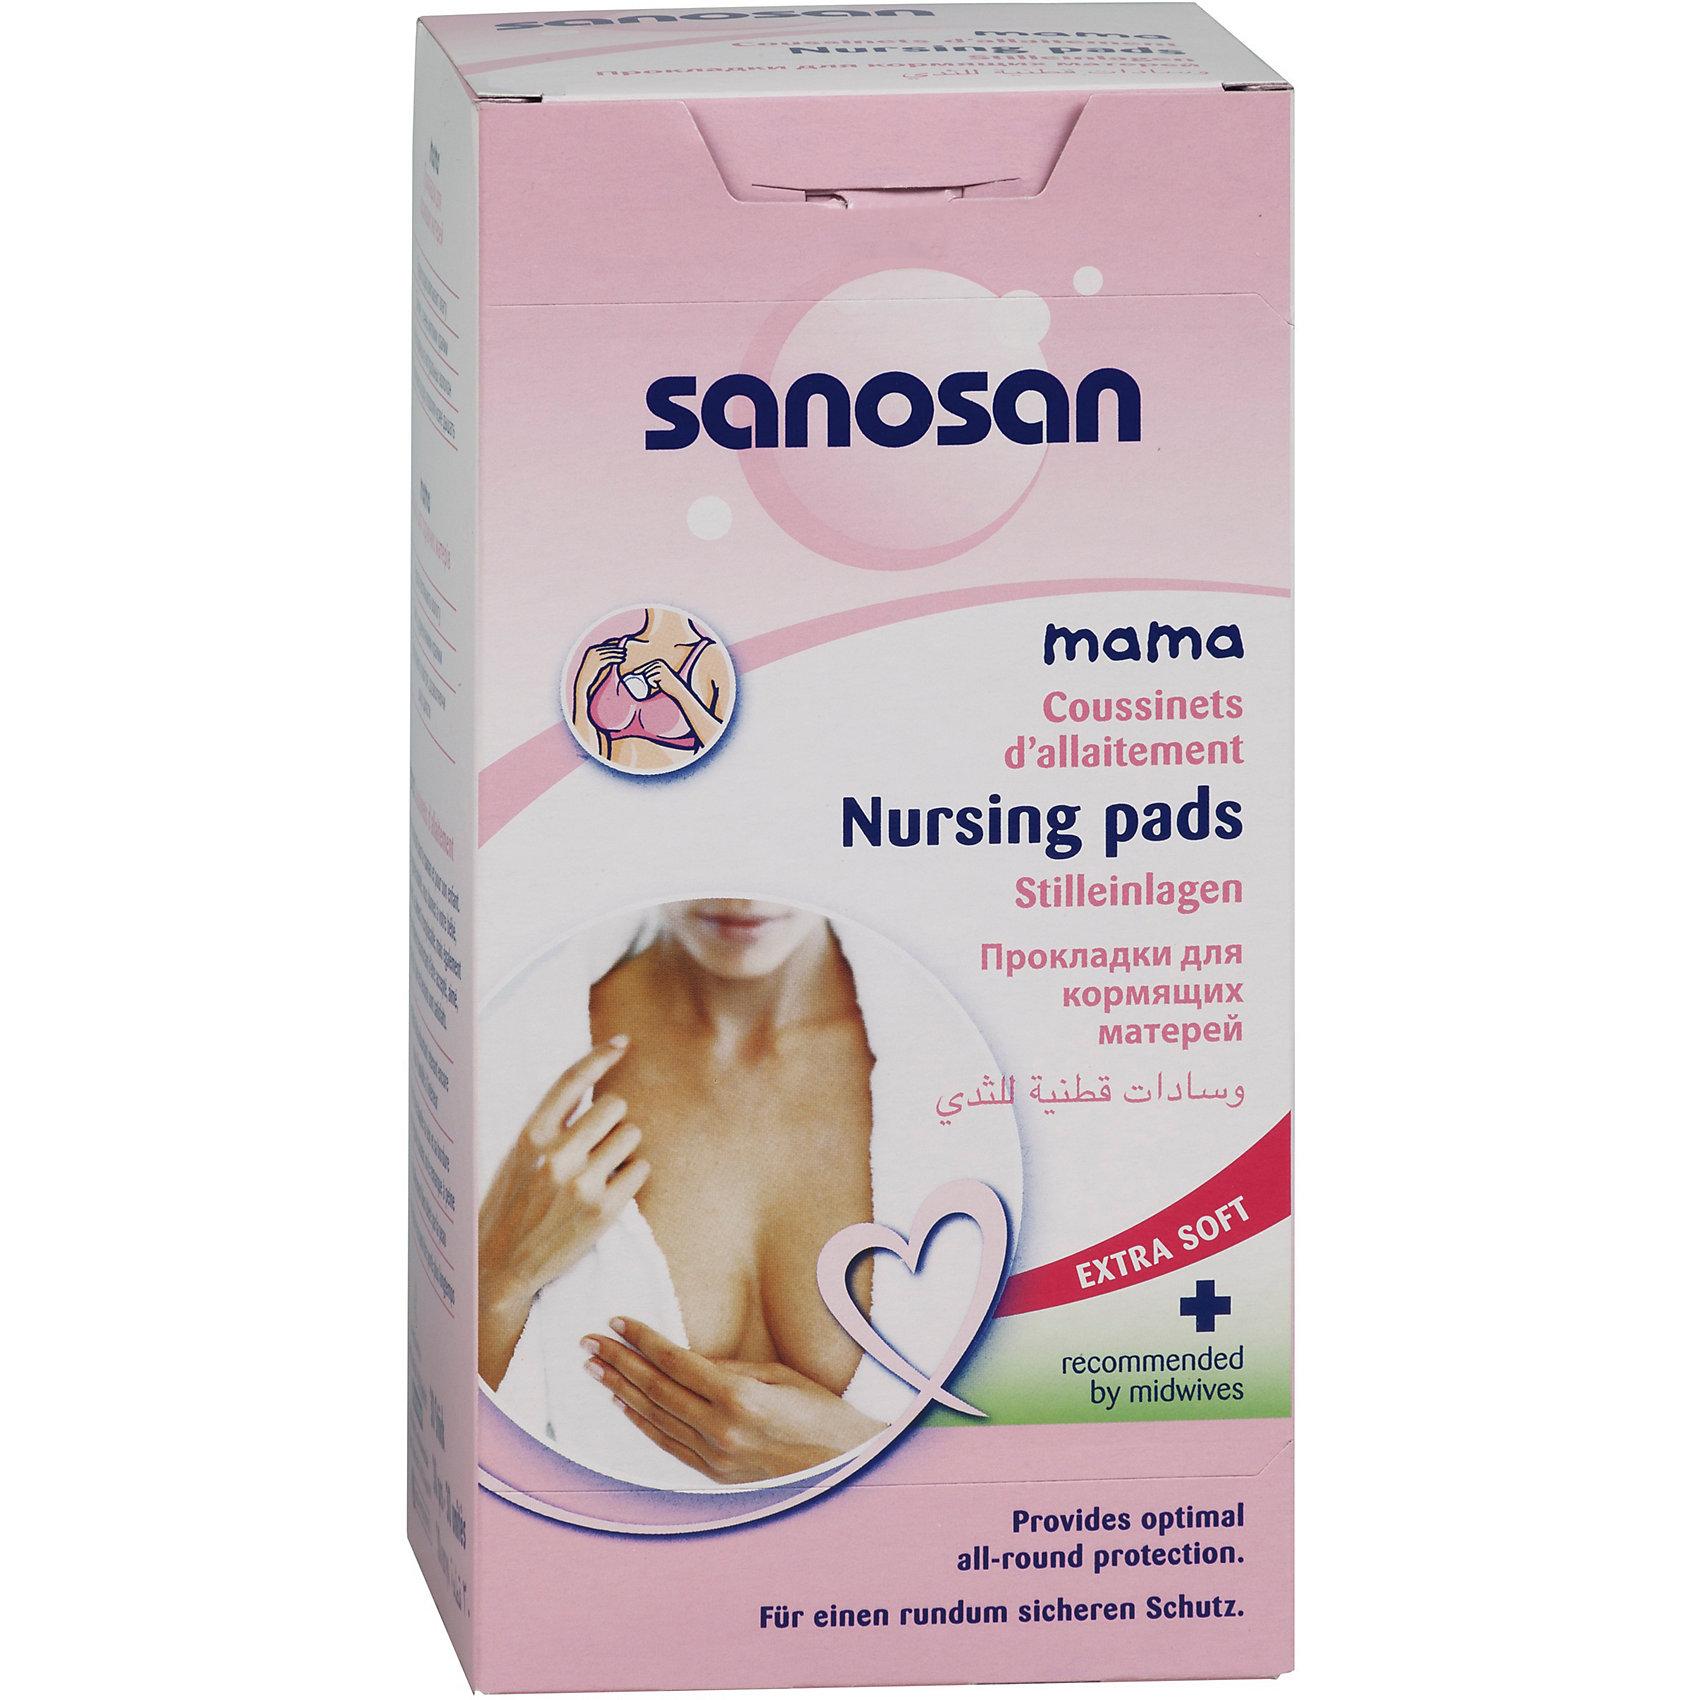 Прокладки для кормящих матерей 30 шт., SanosanНакладки на грудь<br>Гигиенические прокладки для груди крепятся к бюстгальтеру, защищают от подтеков грудного молока, помогают сохранить чистоту молочных желез в перерывах между кормлениями. Прокладки изготовлены из натуральных волокон, имеют анатомическую форму. Предотвращают появление трещин, пропускают воздух, позволяют коже дышать. Прокладки для кормящих матерей отлично впитывают влагу. <br><br>Прокладки для кормящих матерей 30 шт., Sanosan можно купить в нашем интернет-магазине.<br><br>Ширина мм: 300<br>Глубина мм: 100<br>Высота мм: 50<br>Вес г: 100<br>Возраст от месяцев: -2147483648<br>Возраст до месяцев: 2147483647<br>Пол: Унисекс<br>Возраст: Детский<br>SKU: 5008375